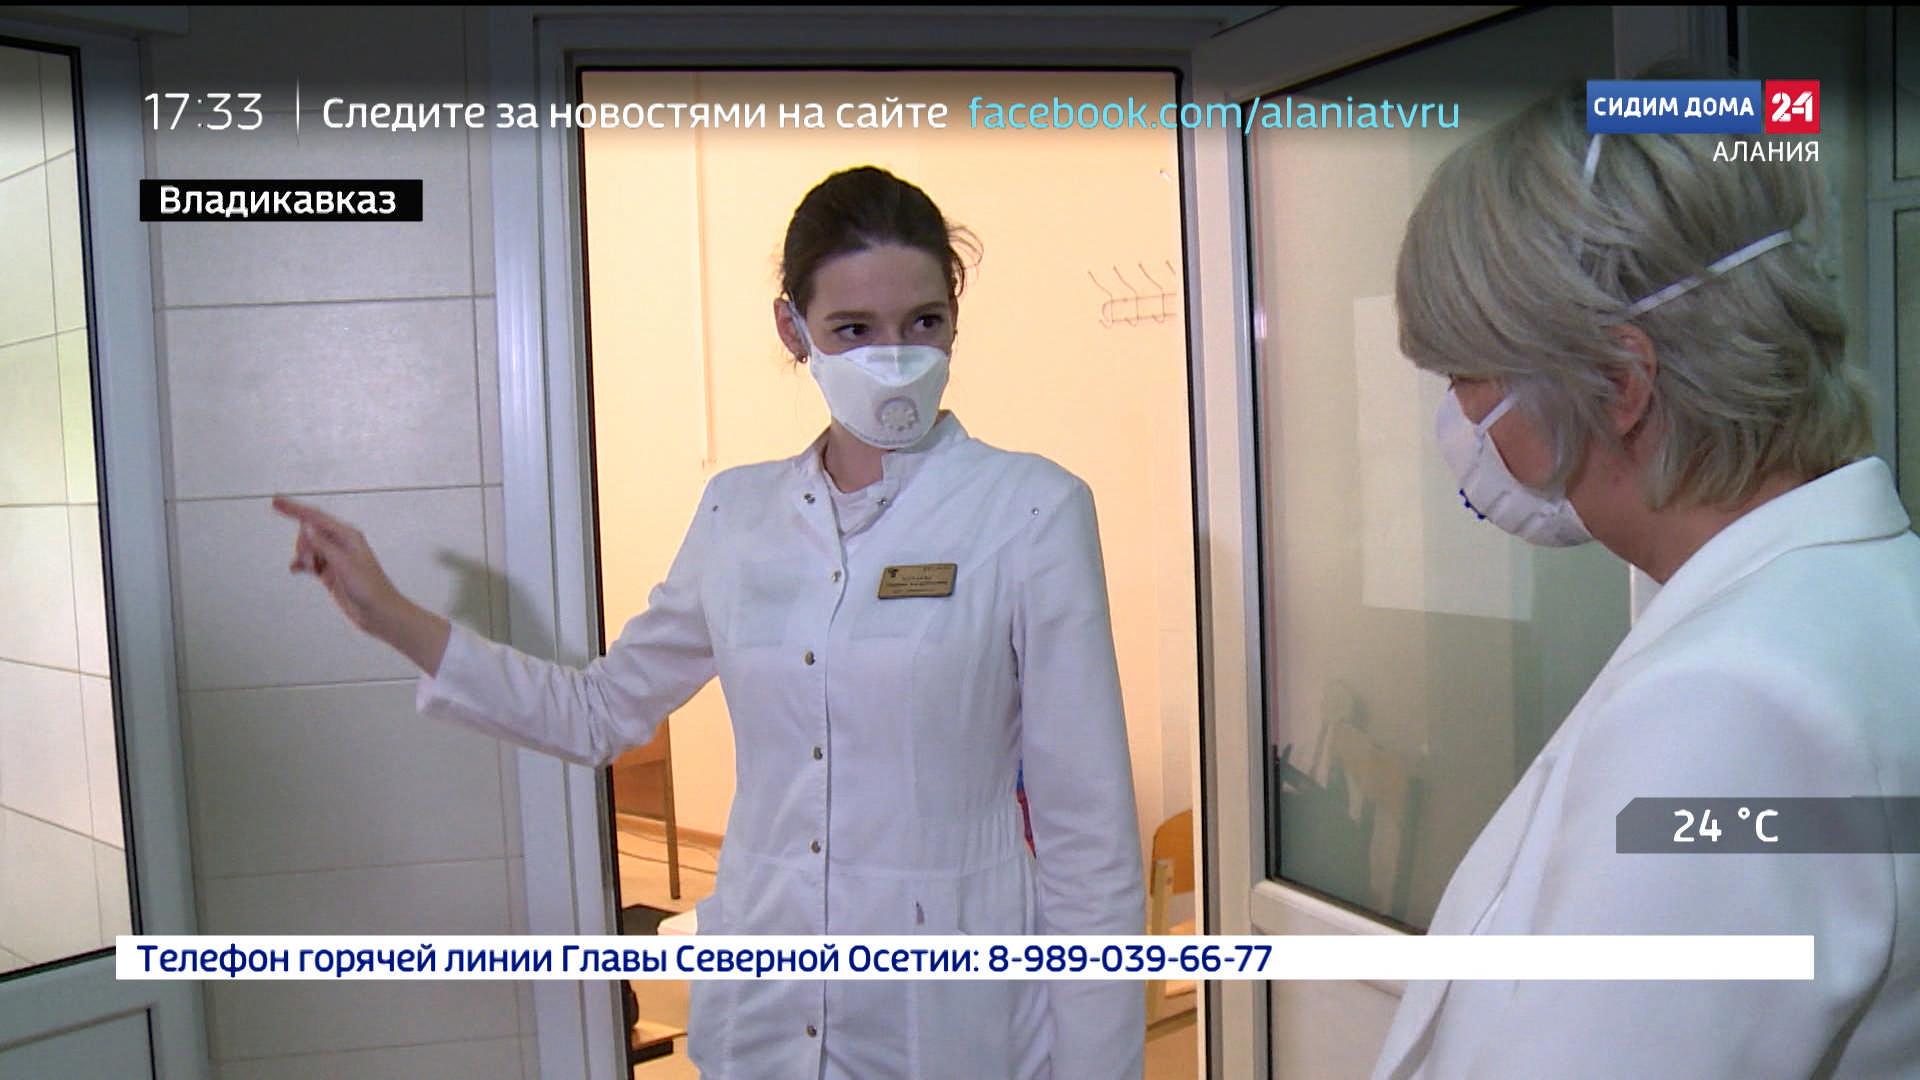 Россия 24. Московские специалисты помогут североосетинским коллегам в борьбе с коронавирусом